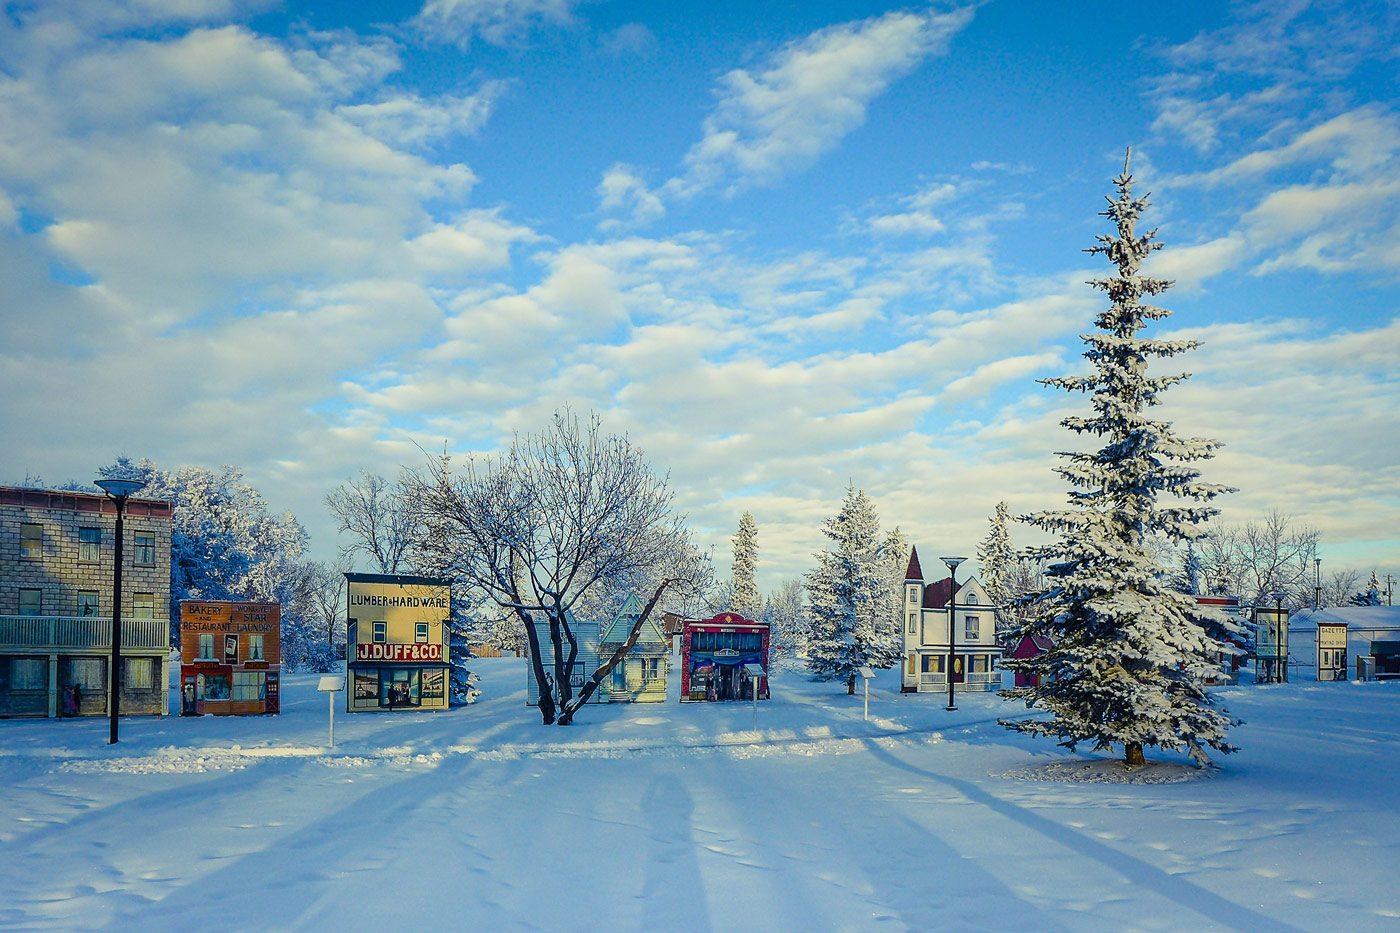 My hometown - Olds, Alberta